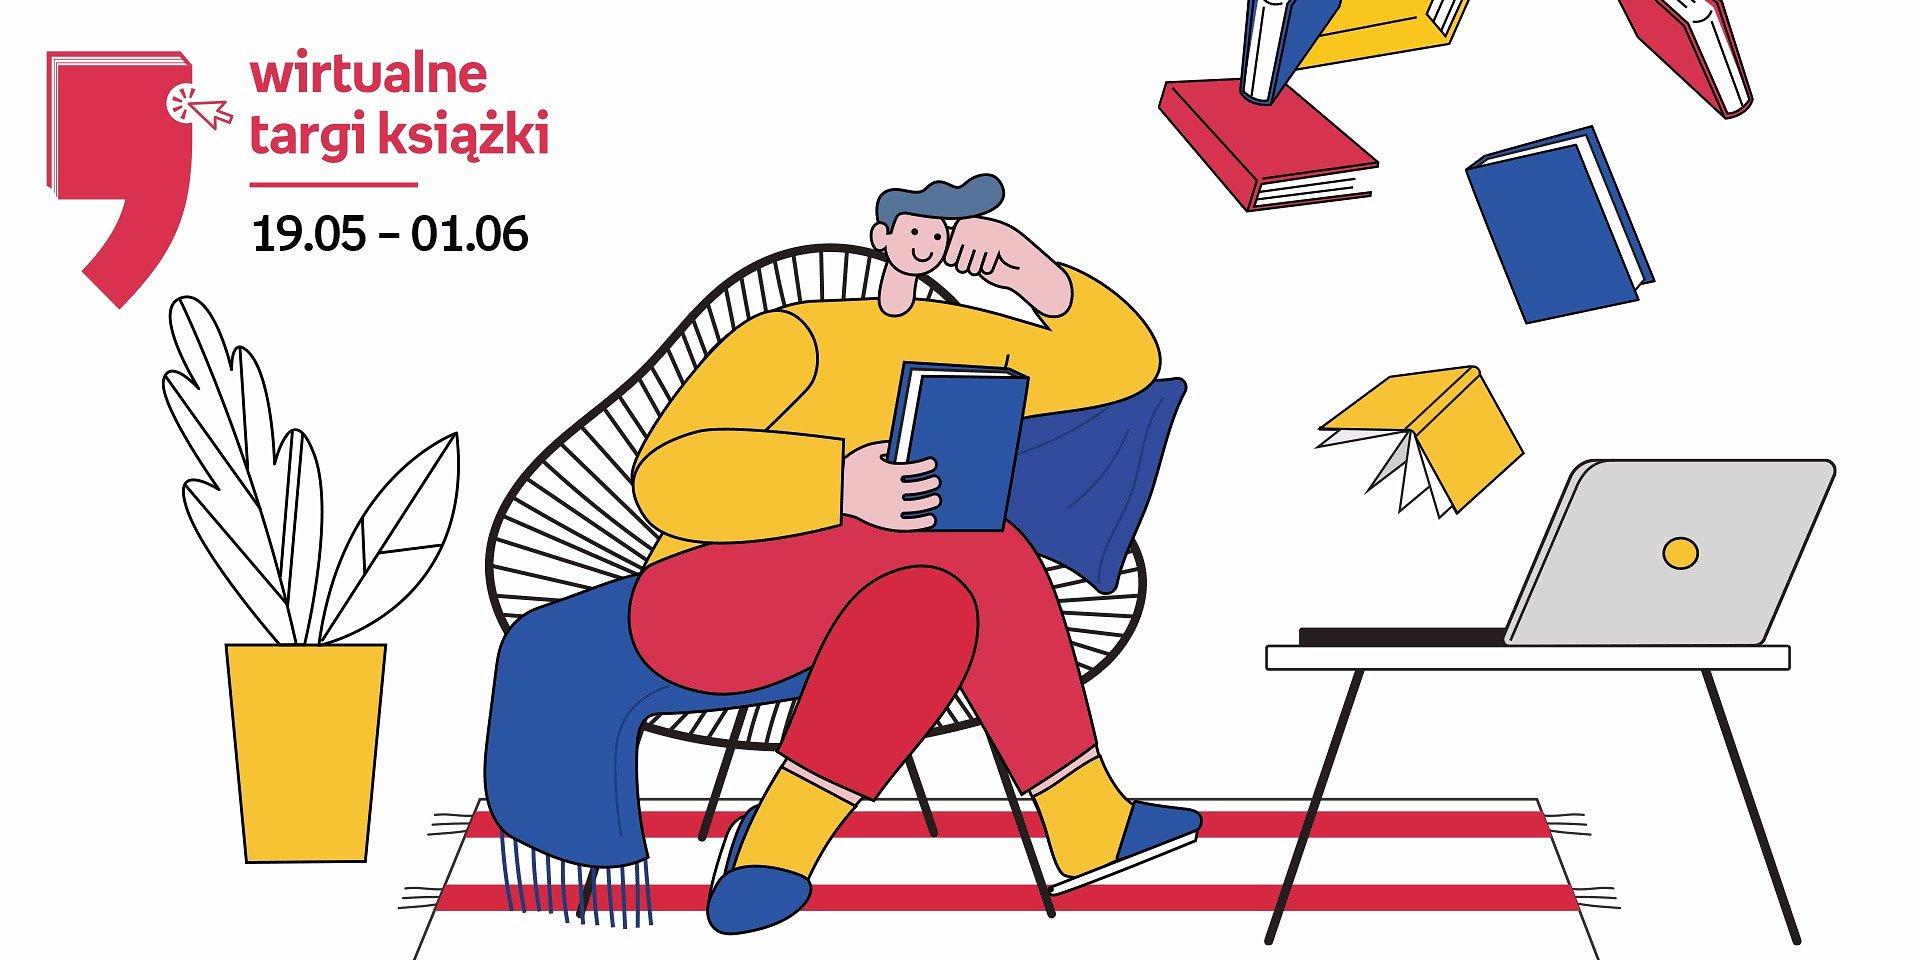 Chmielarz, Żulczyk, Krajewski i wielu innych na Wirtualnych Targach Książki. Empik ujawnił pełen program wydarzenia